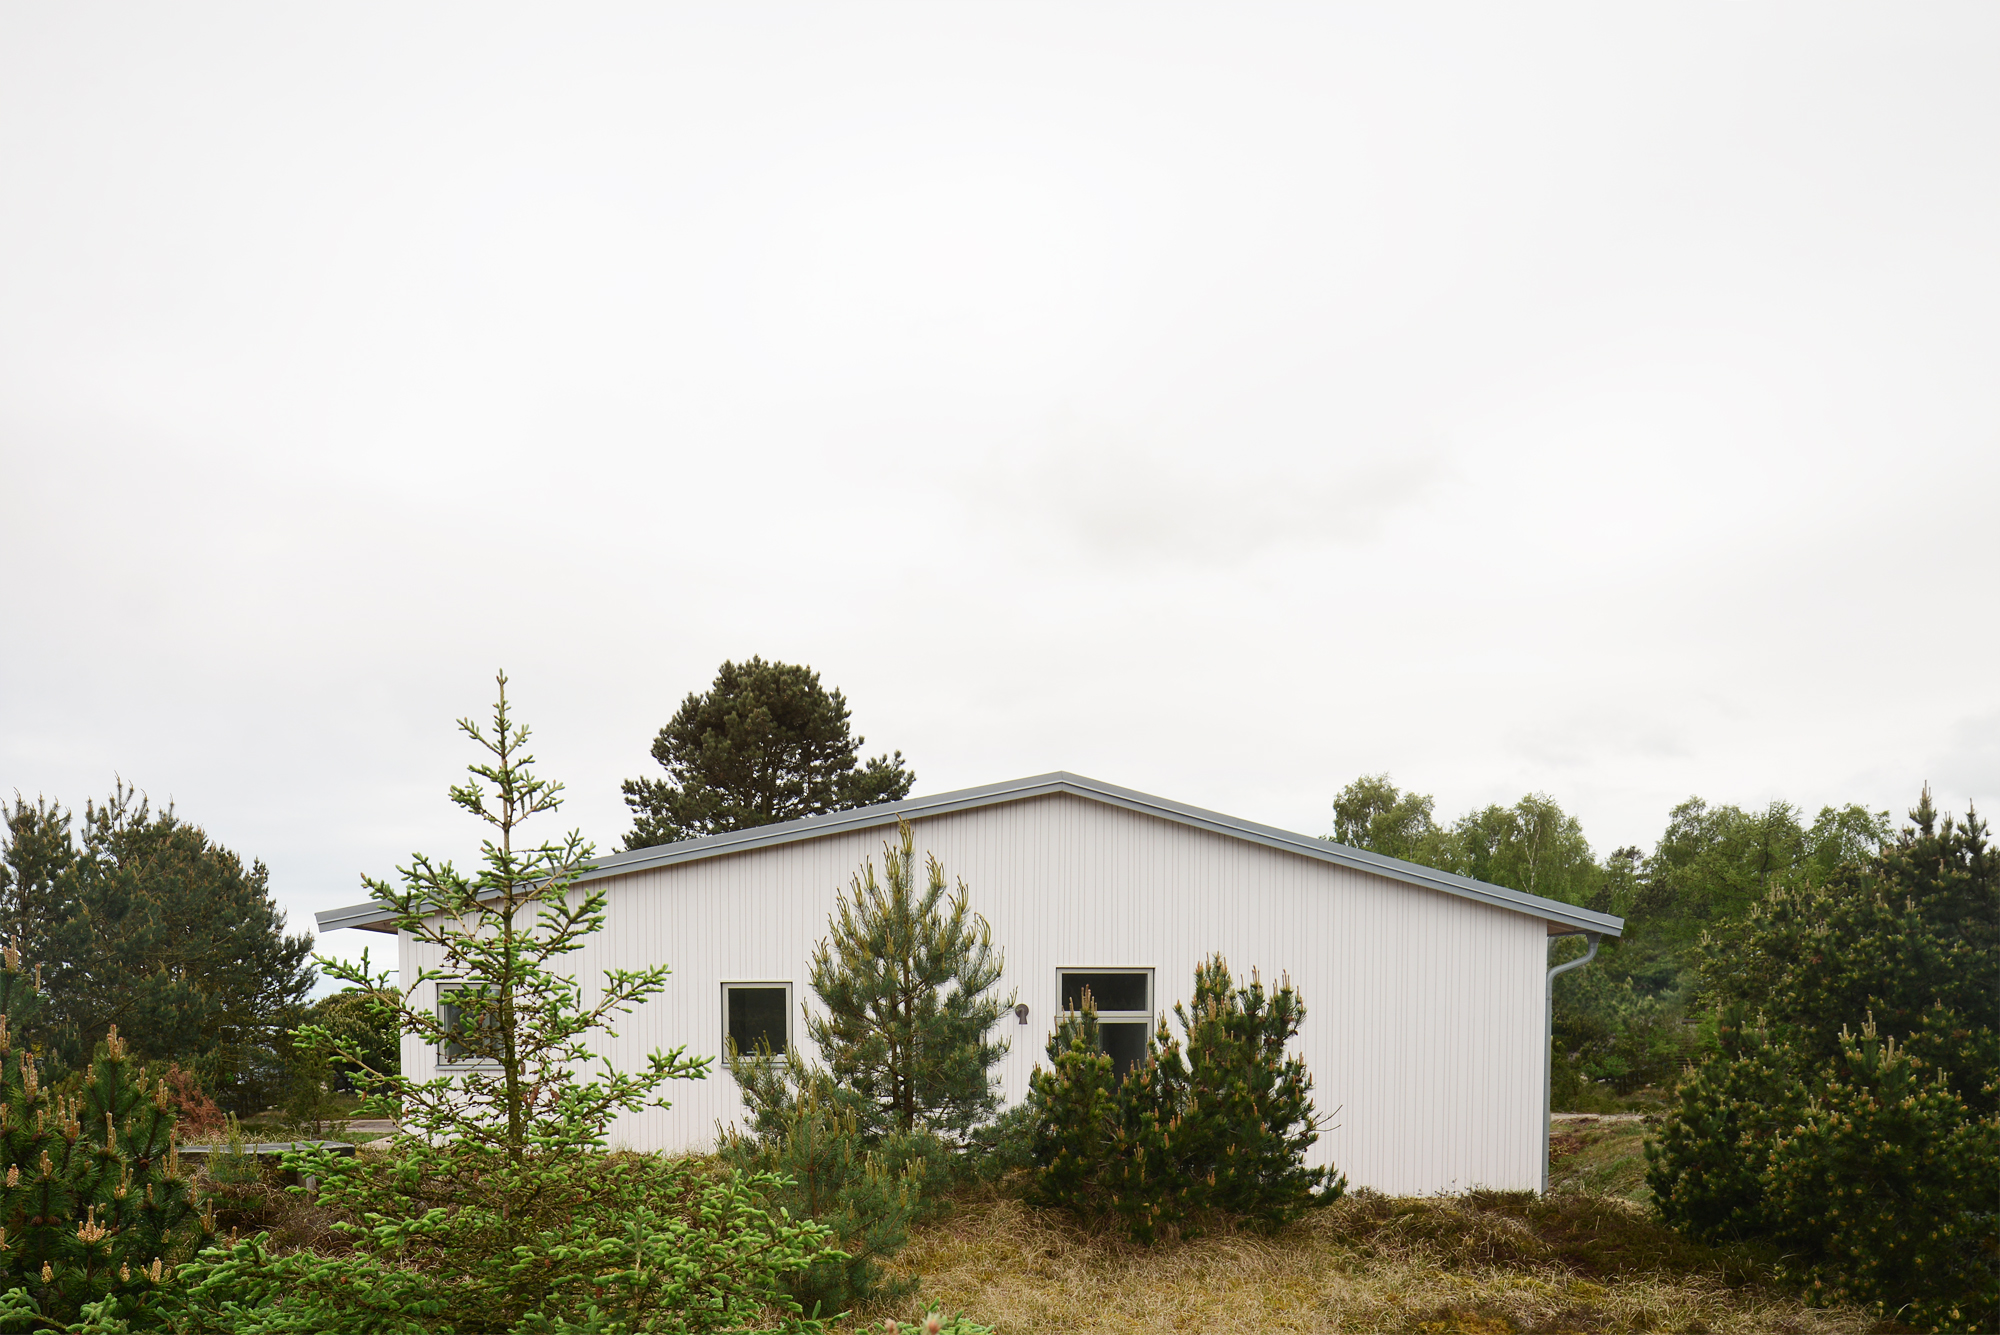 Weedenhus Stora Beddinge 1